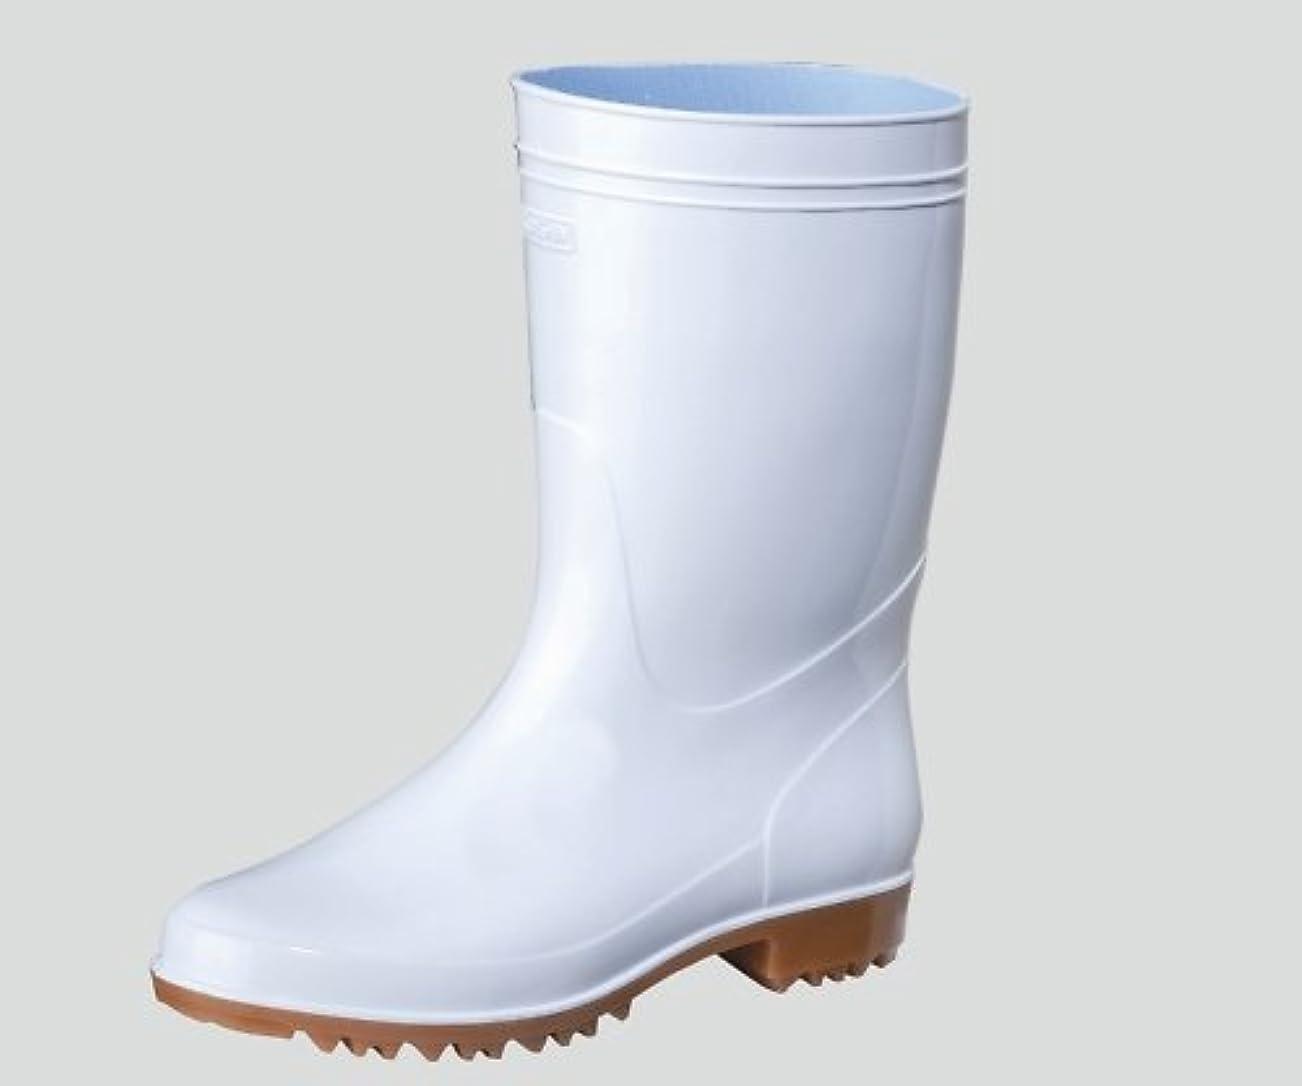 ブーム経済スーツケース弘進ゴム8-7246-31抗菌長靴ゾナG3耐油白28cm